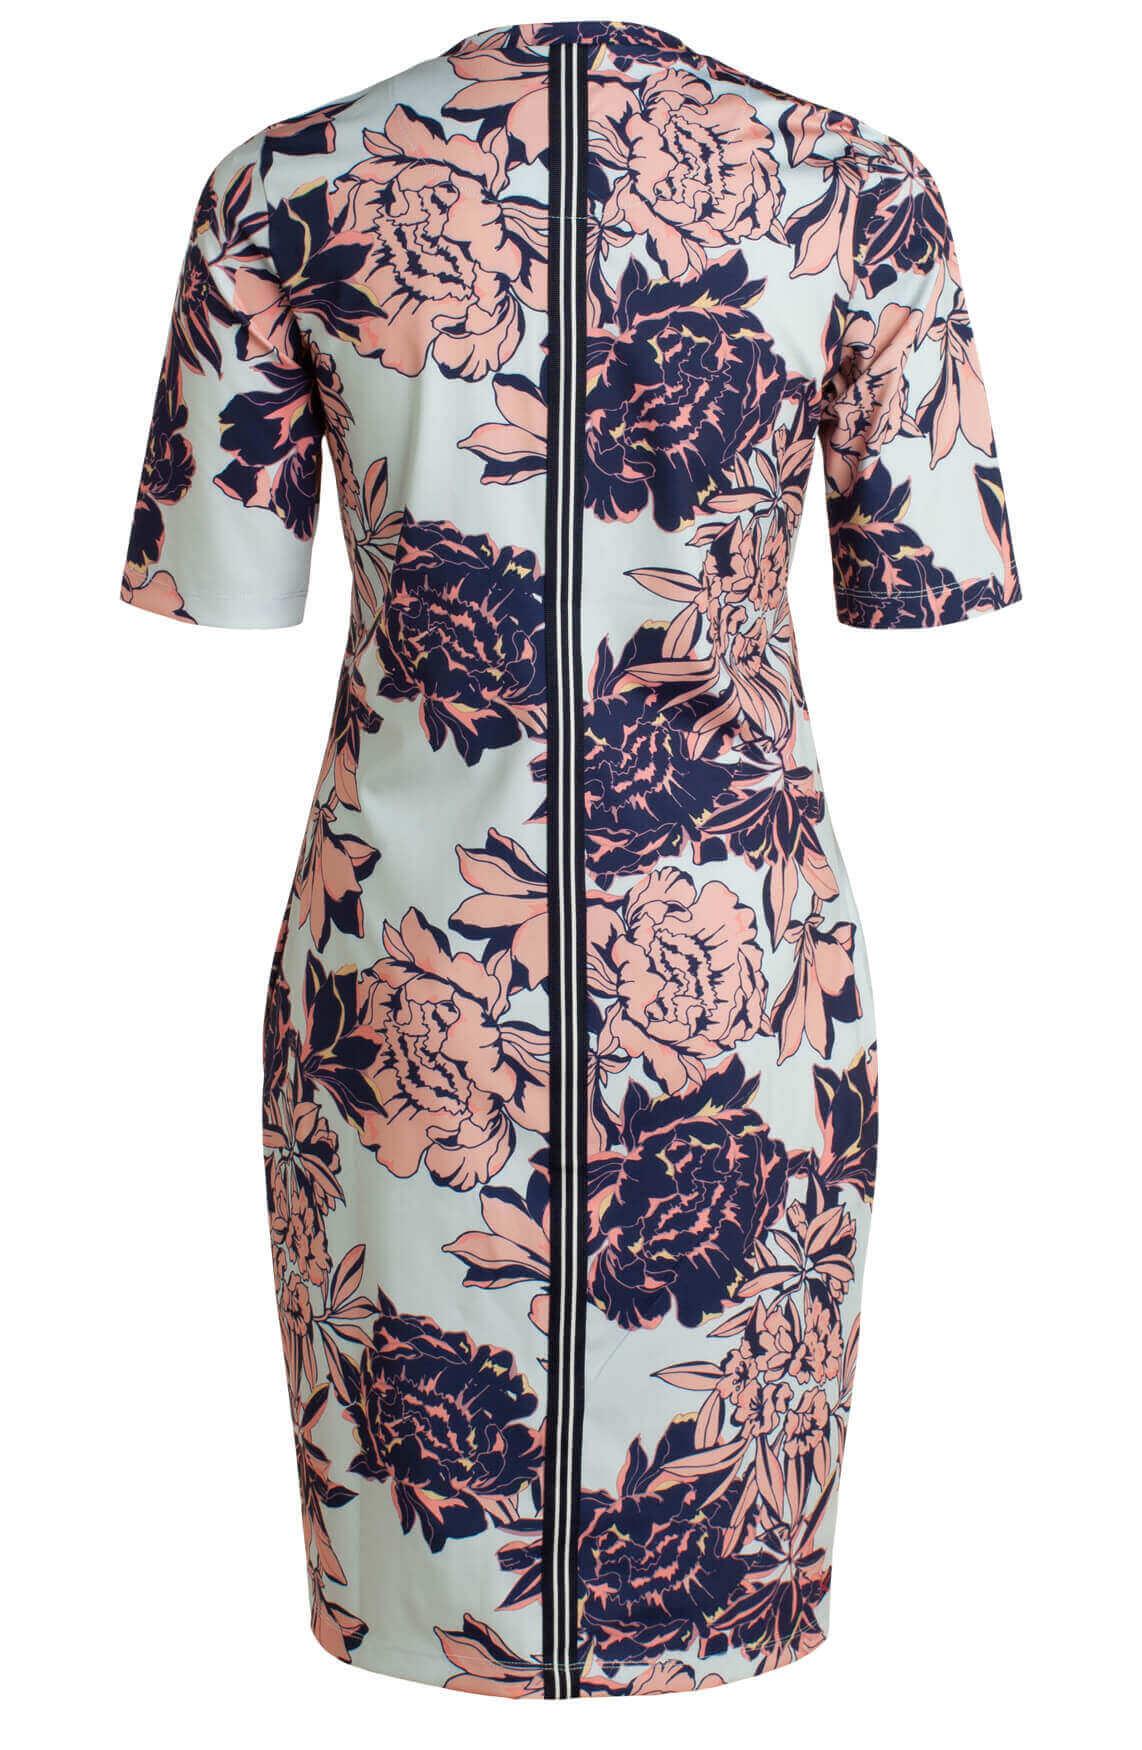 Anna Blue Dames Jersey sensitive jurk met floral print Blauw